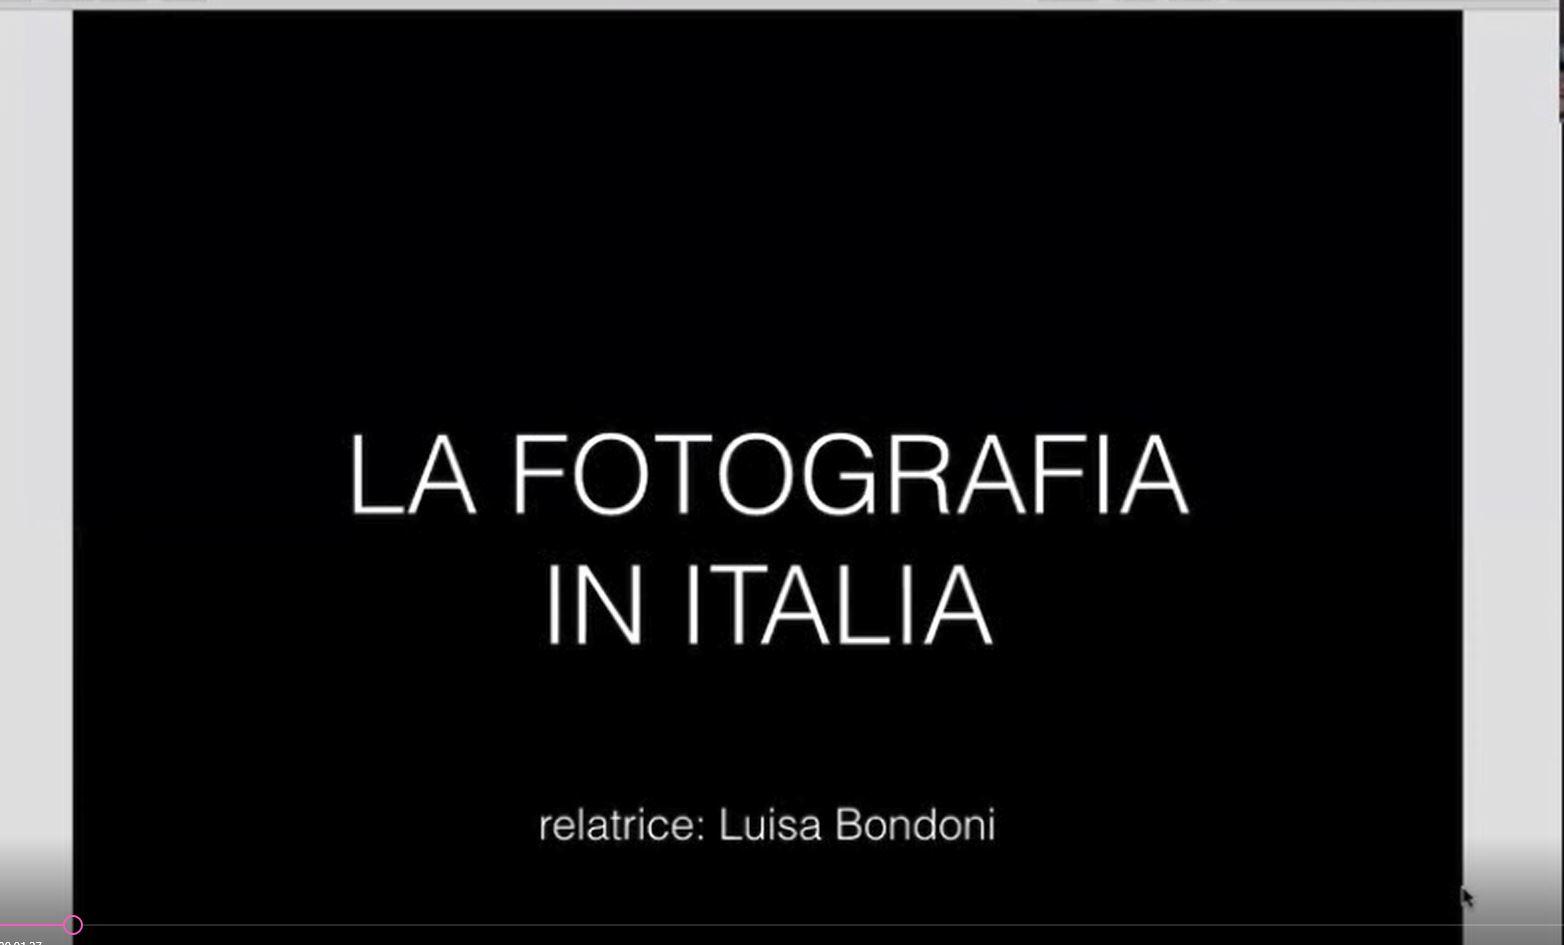 Appuntamenti per conoscere - Luisa Bondoni presenta